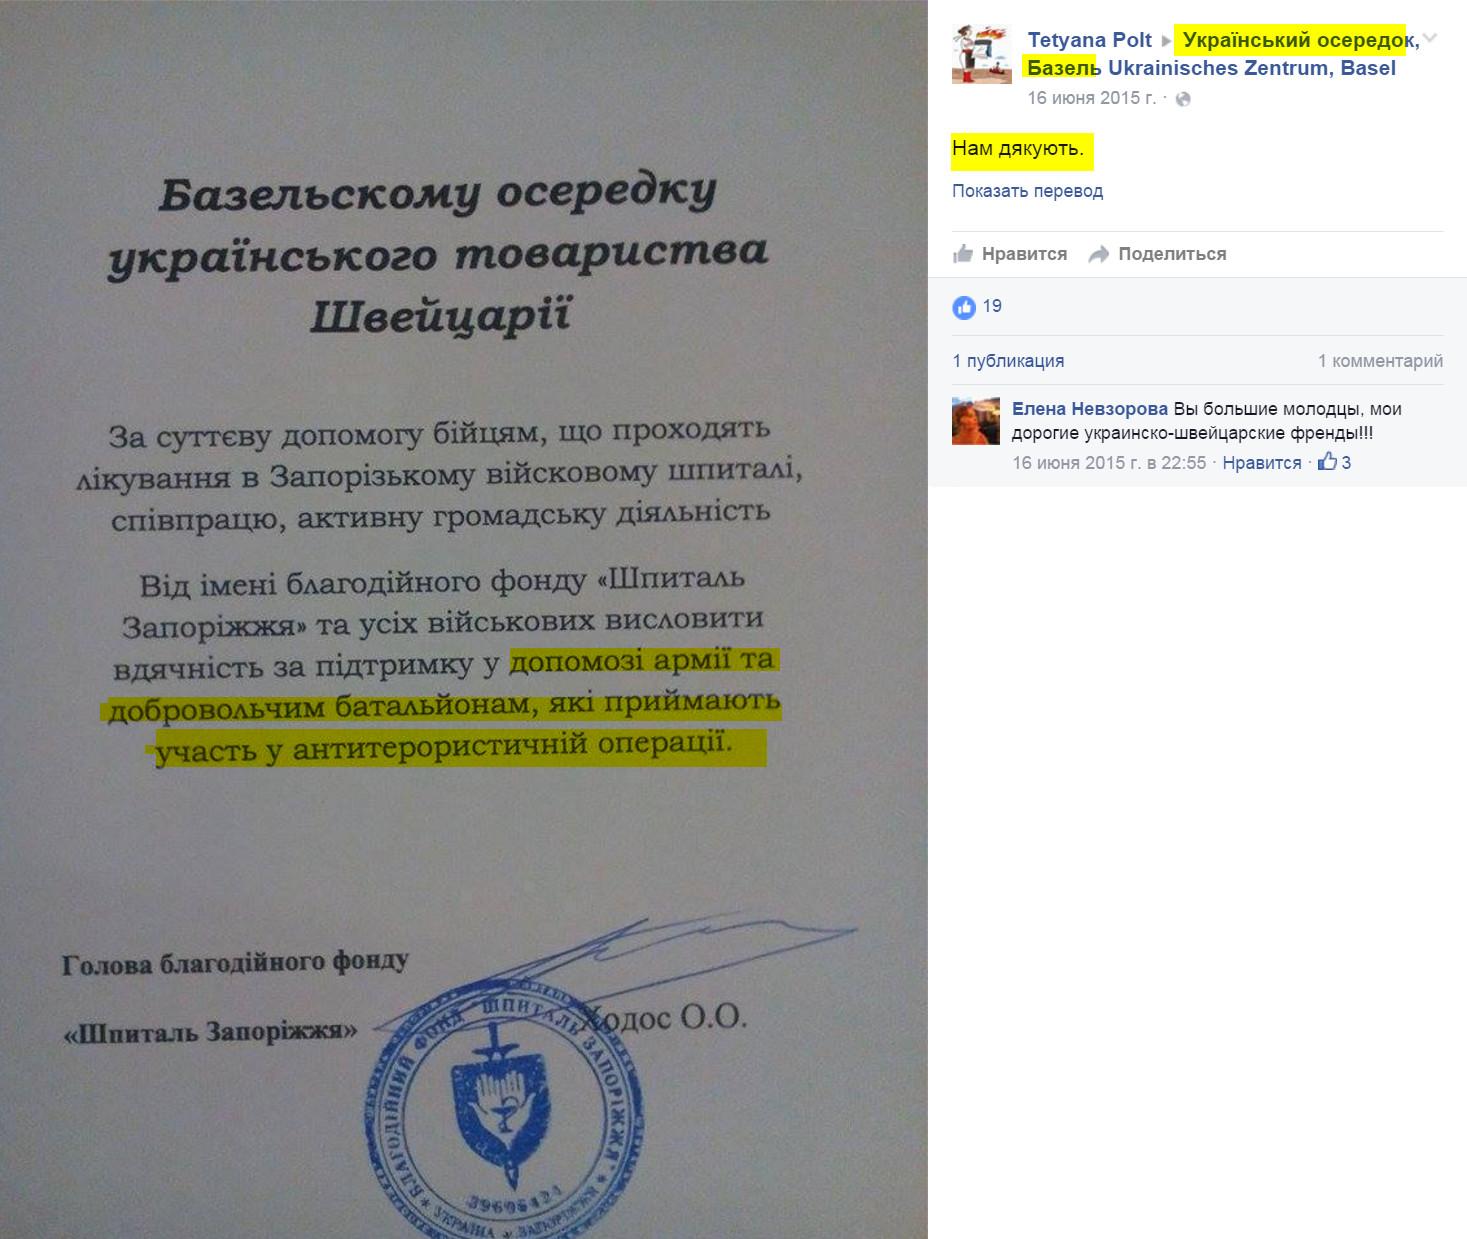 базель 3 текст на русском скачать